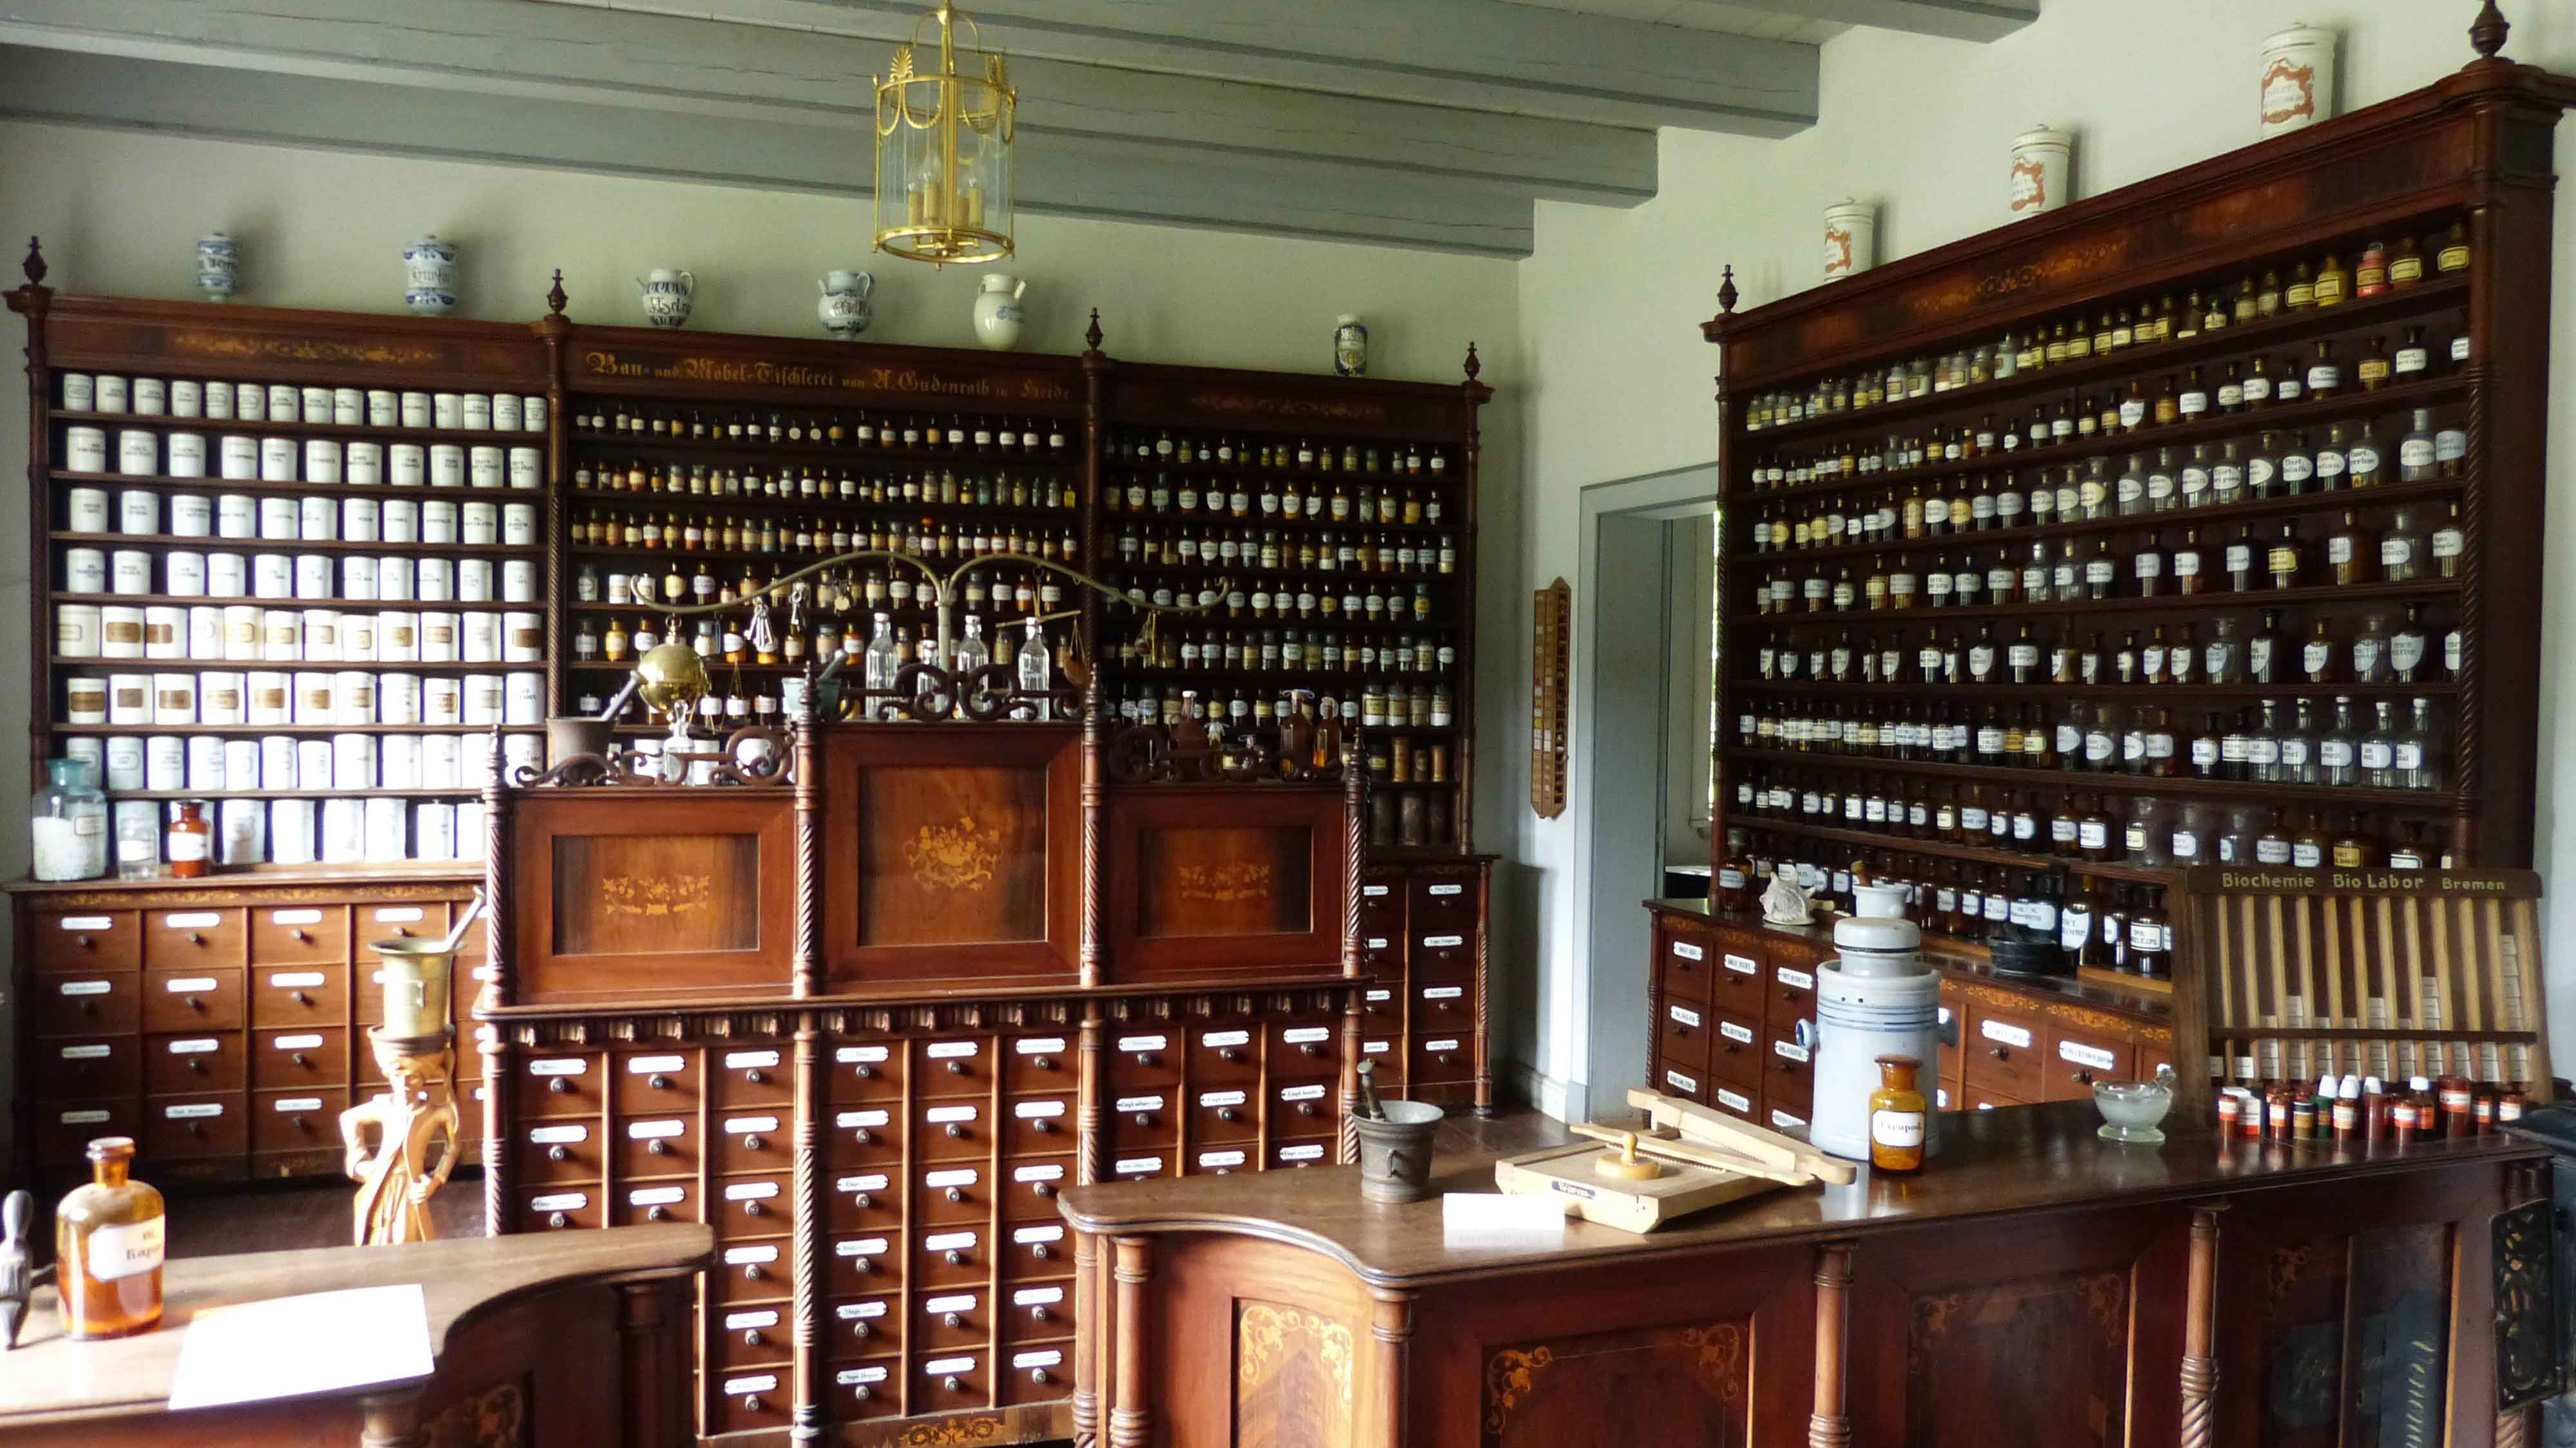 Interior de farmacia antigua con muebles de madera